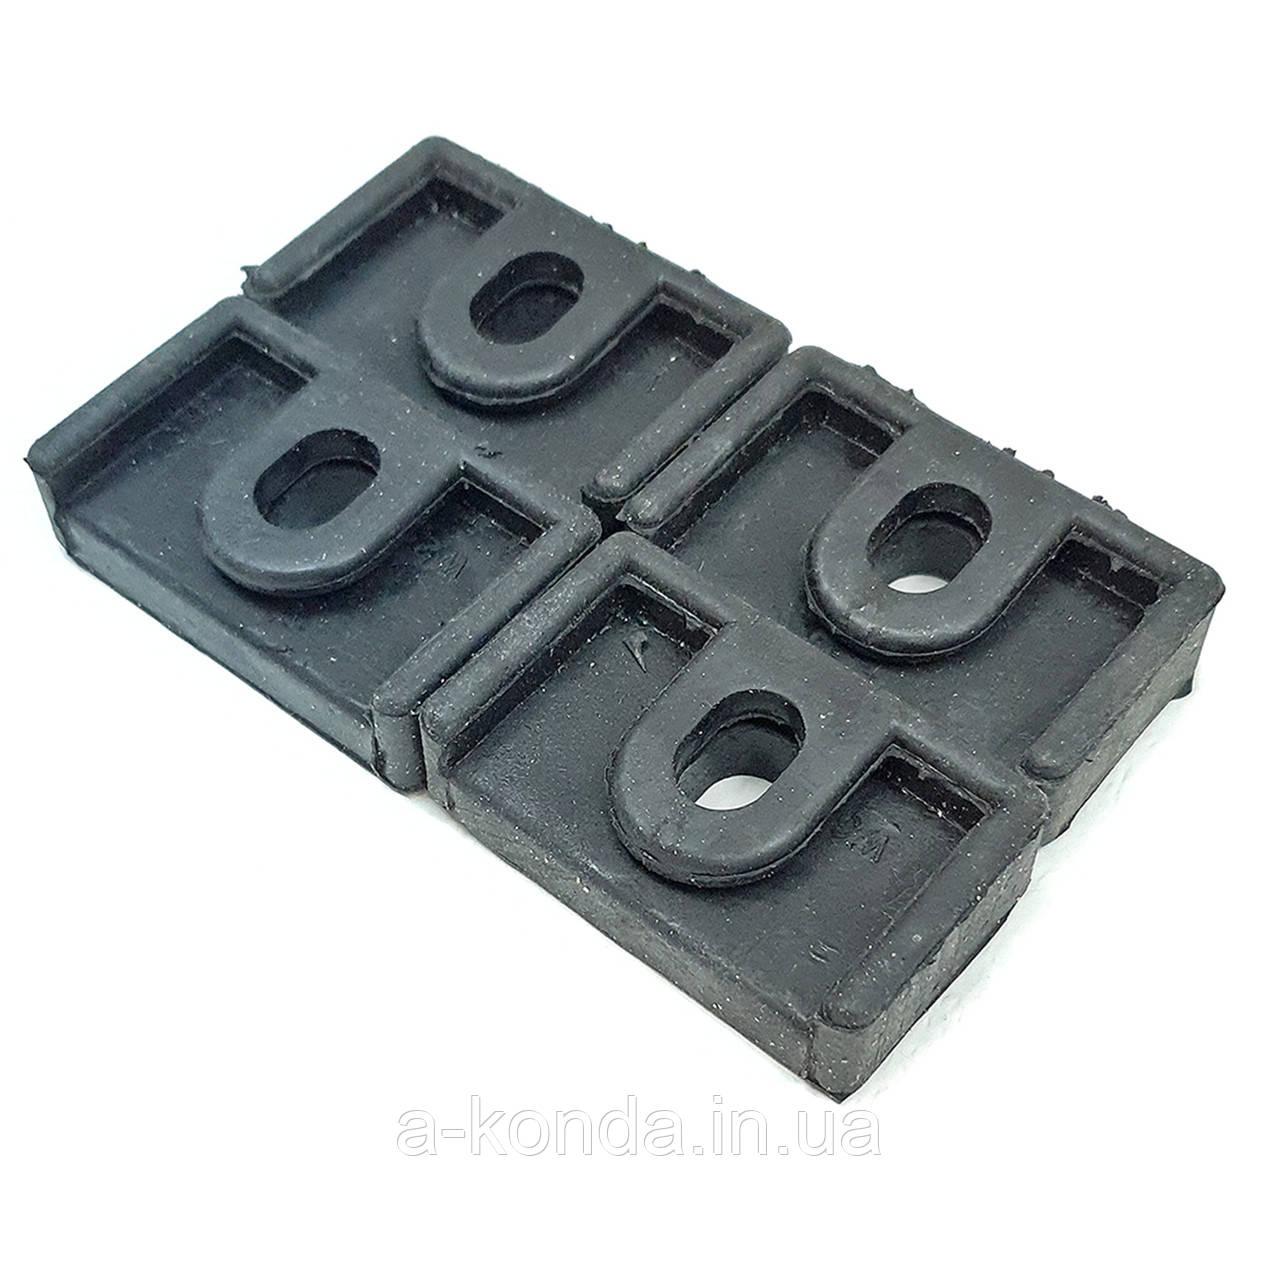 Виброопоры для наружного блока кондиционера